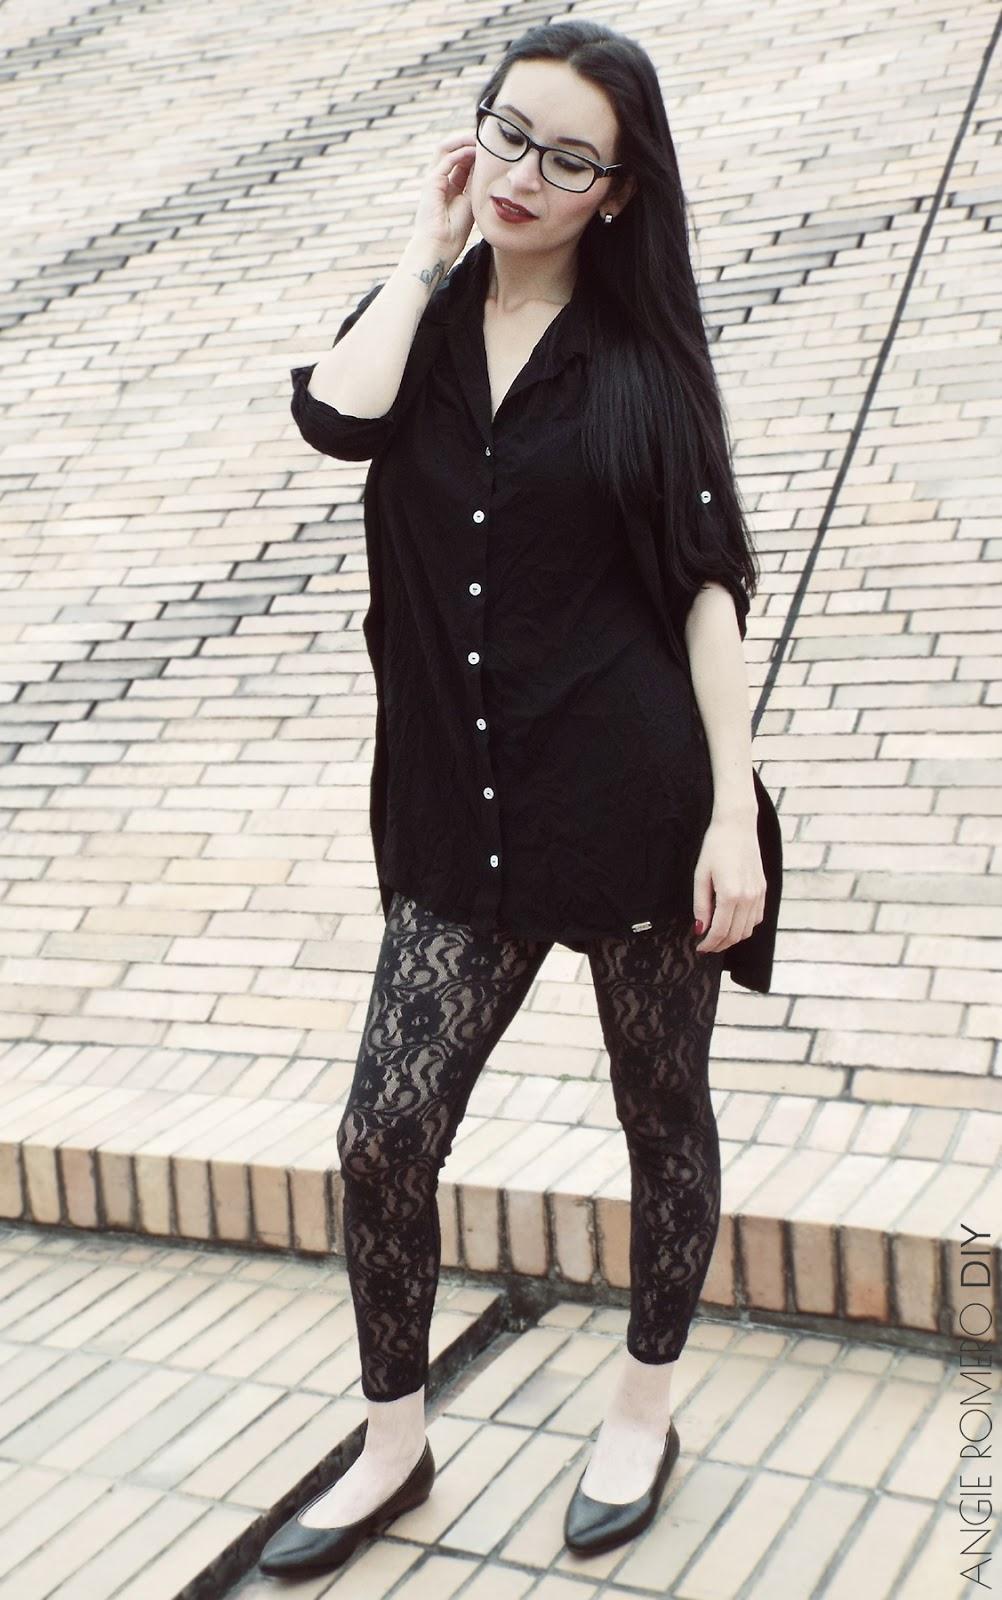 Ideas para vestir (grunge - goth - rock) con prendas negras y layering